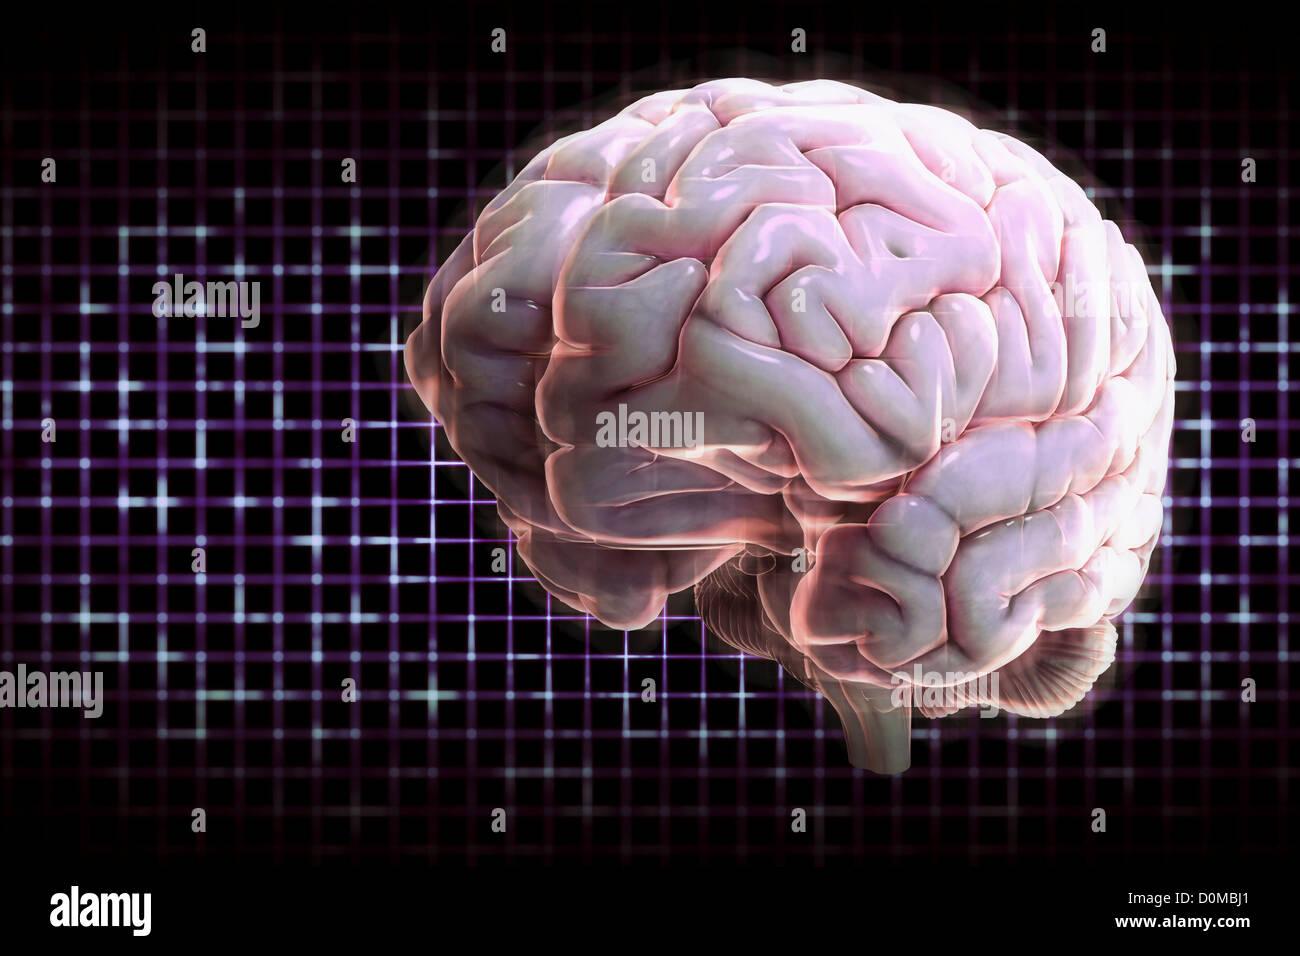 Bonito Etiquetar El Diagrama De La Anatomía Del Cerebro Friso ...